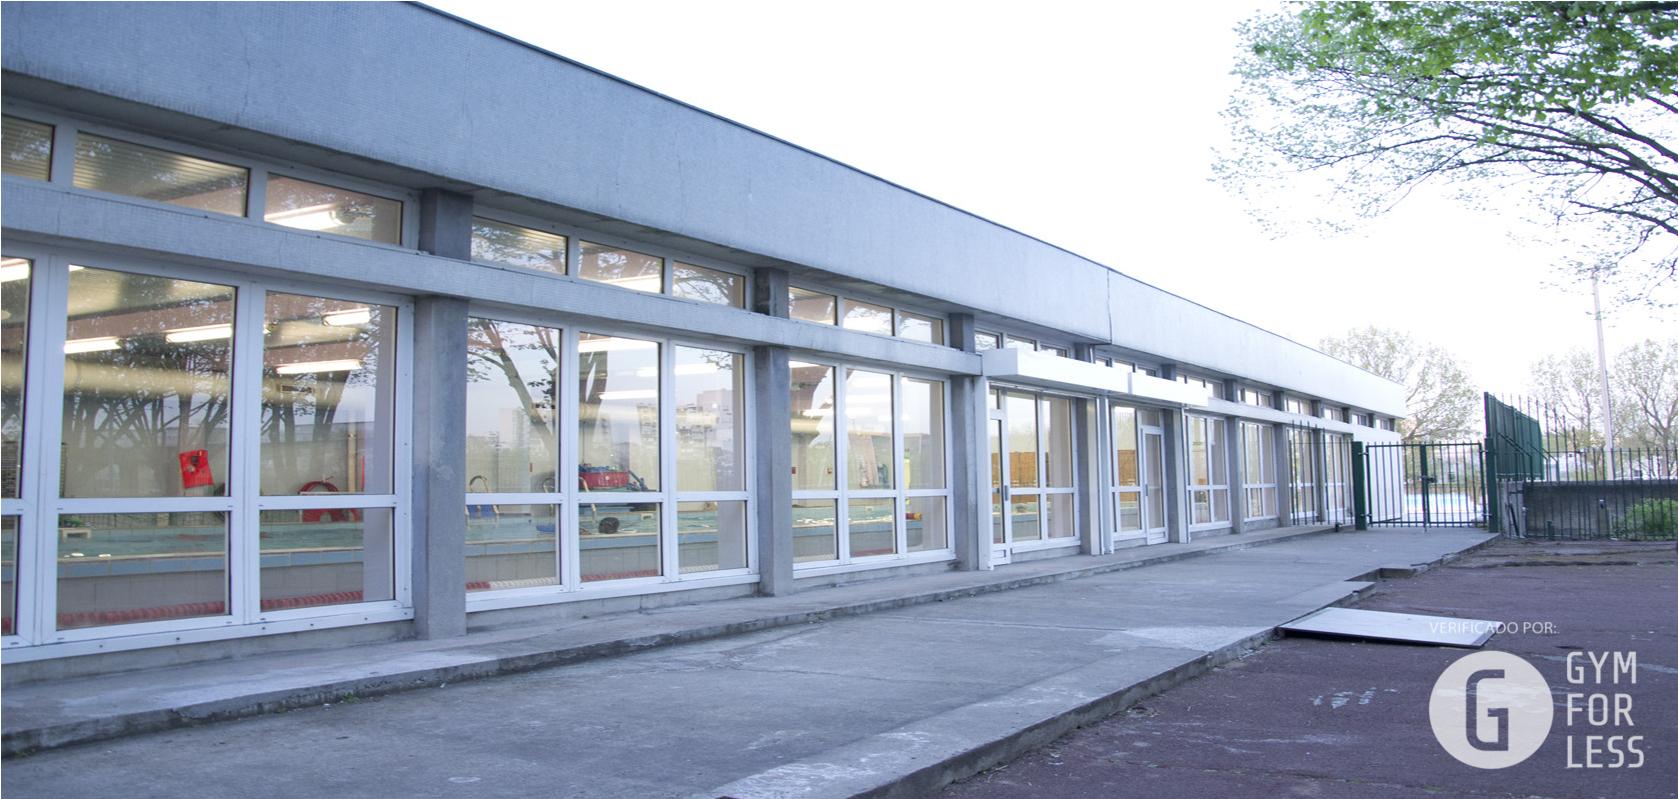 Les meilleurs tarifs pour le centre bassin louis lumi re paris sport club paris - Bassin baignade prix grenoble ...